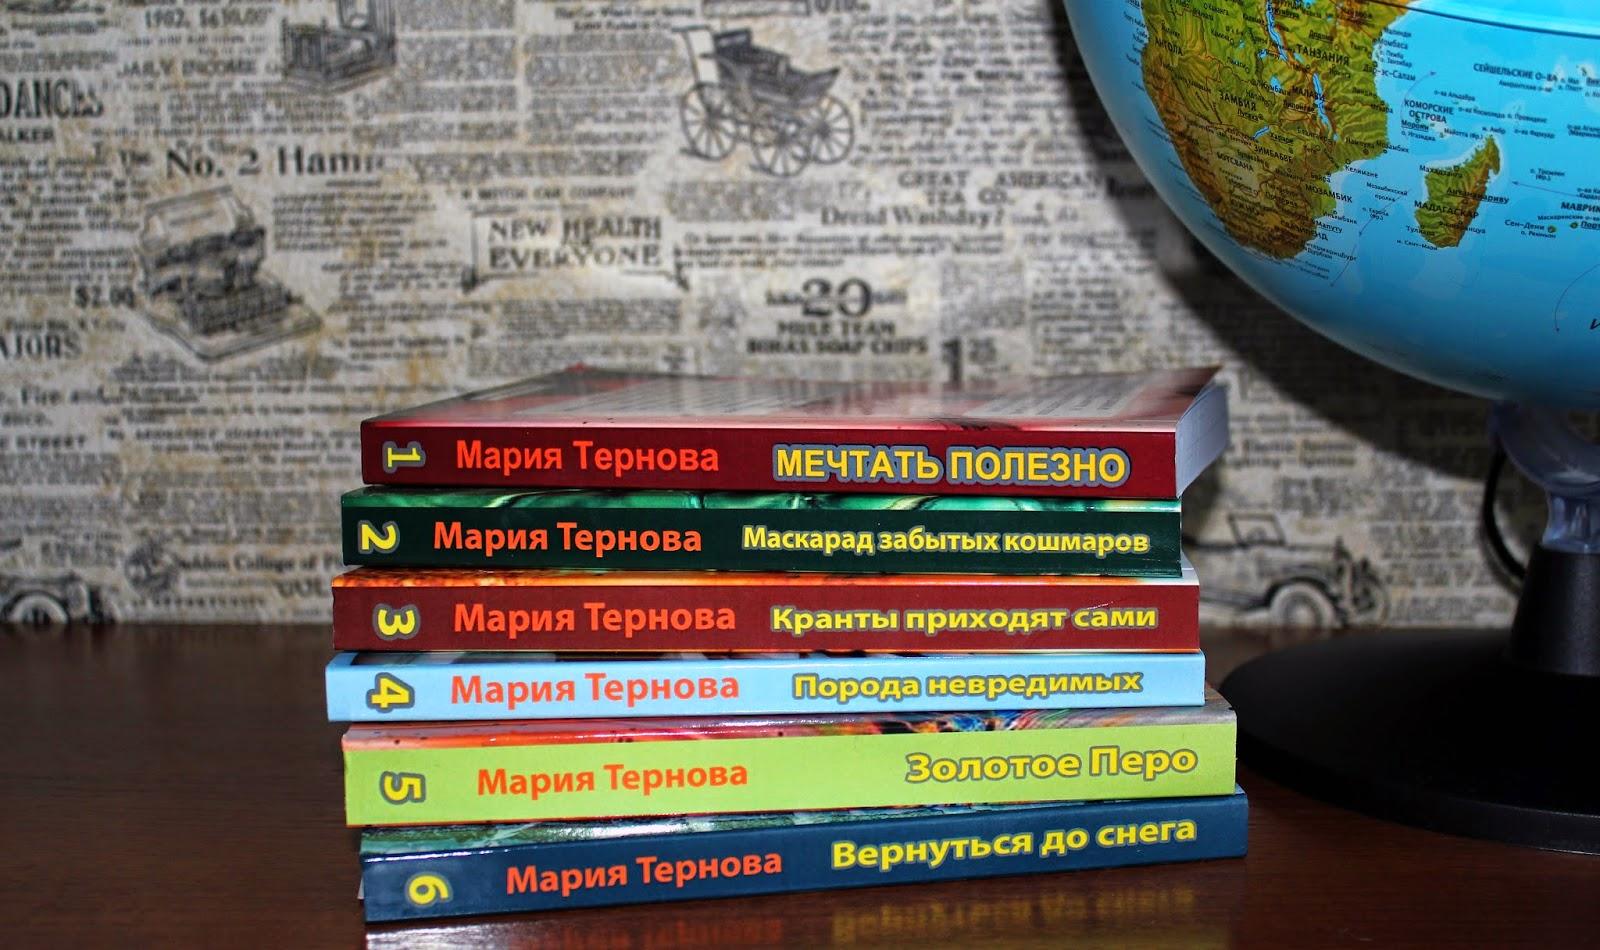 Мир перекрестка - шесть книжек Марии Терновой